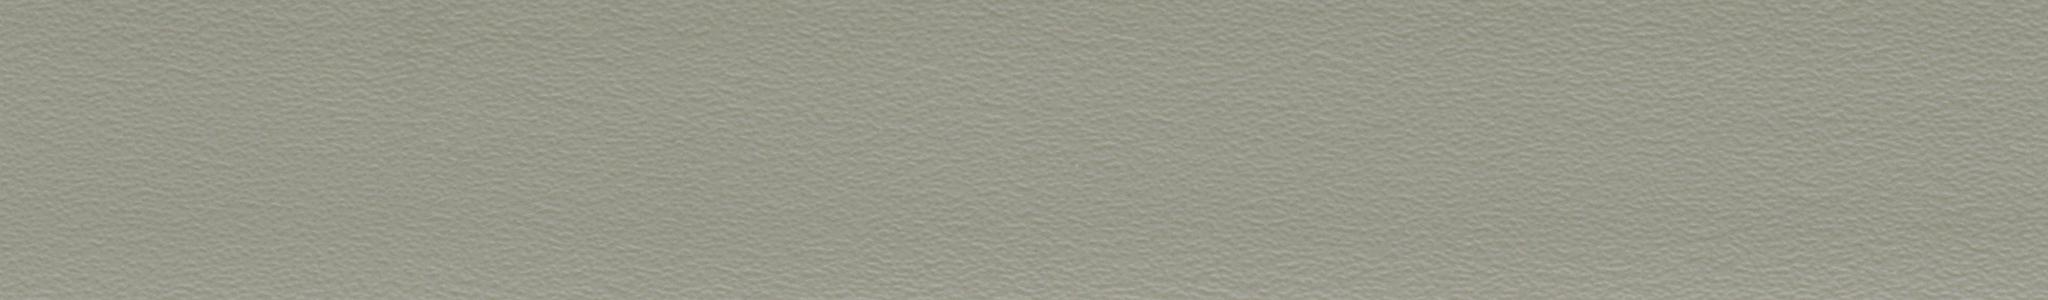 HU 18795 кромка ABS коричневая жемчуг 101